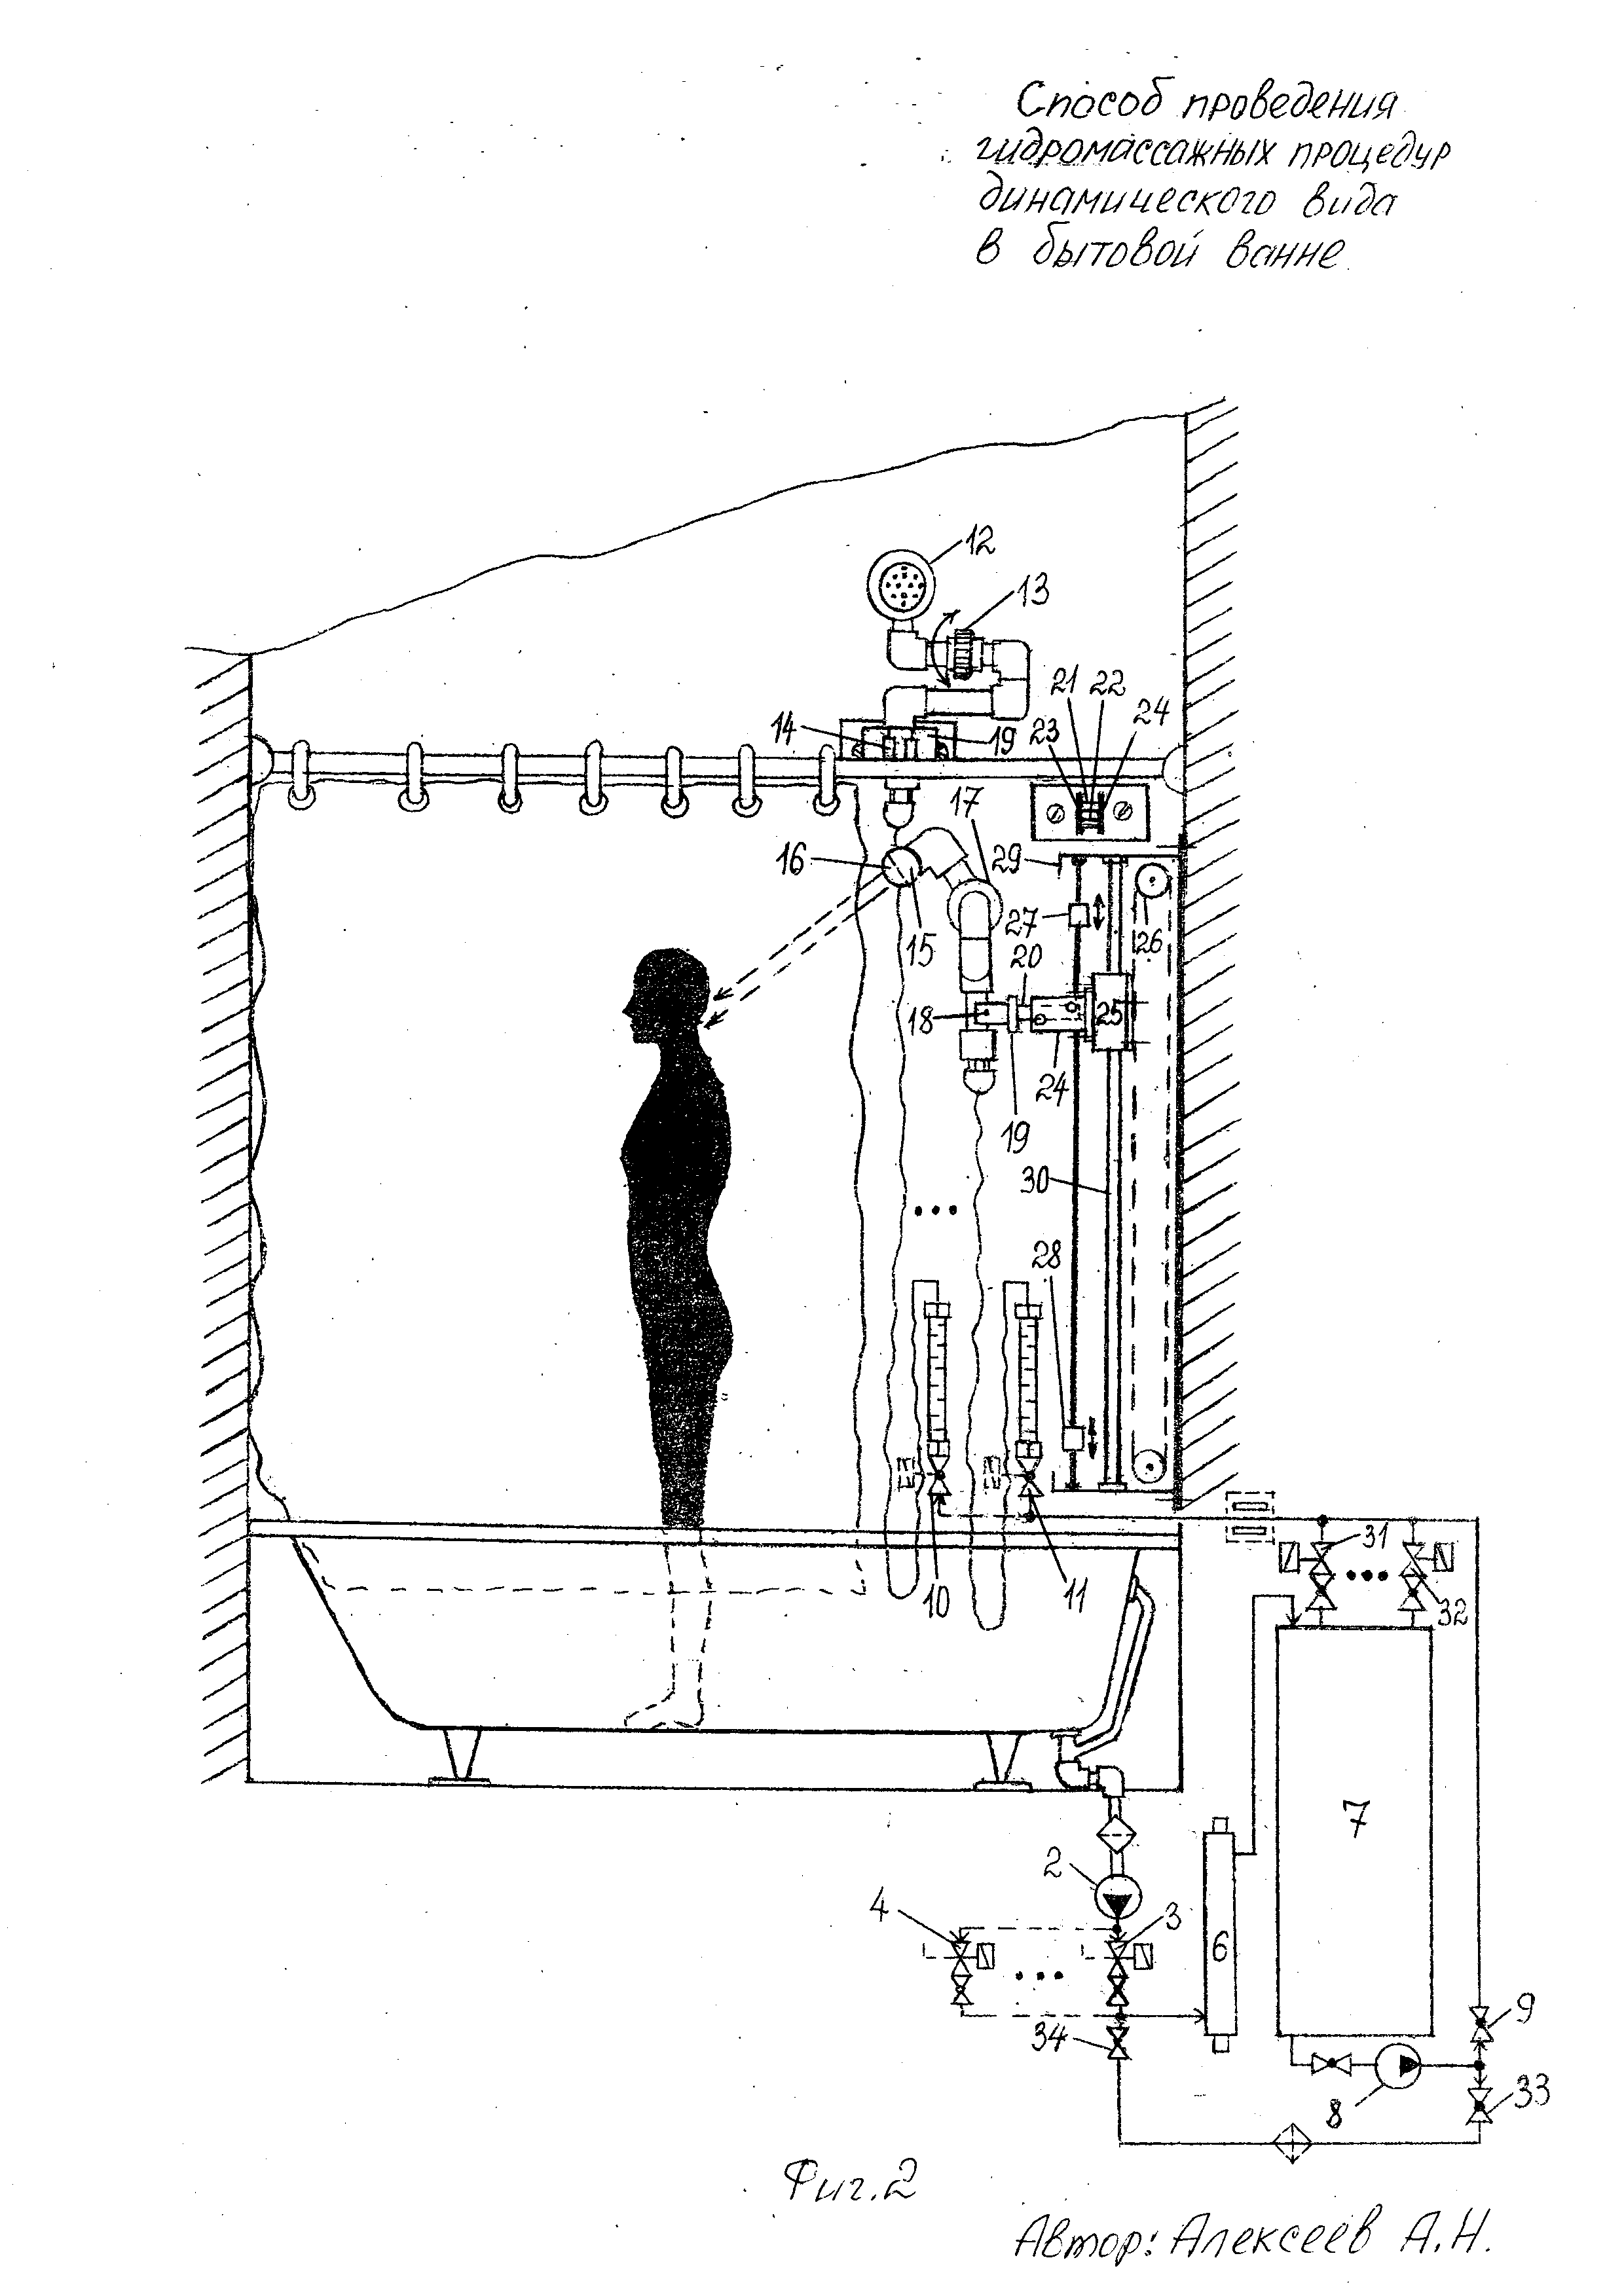 Способ проведения гидромассажных процедур динамического вида в бытовой ванне